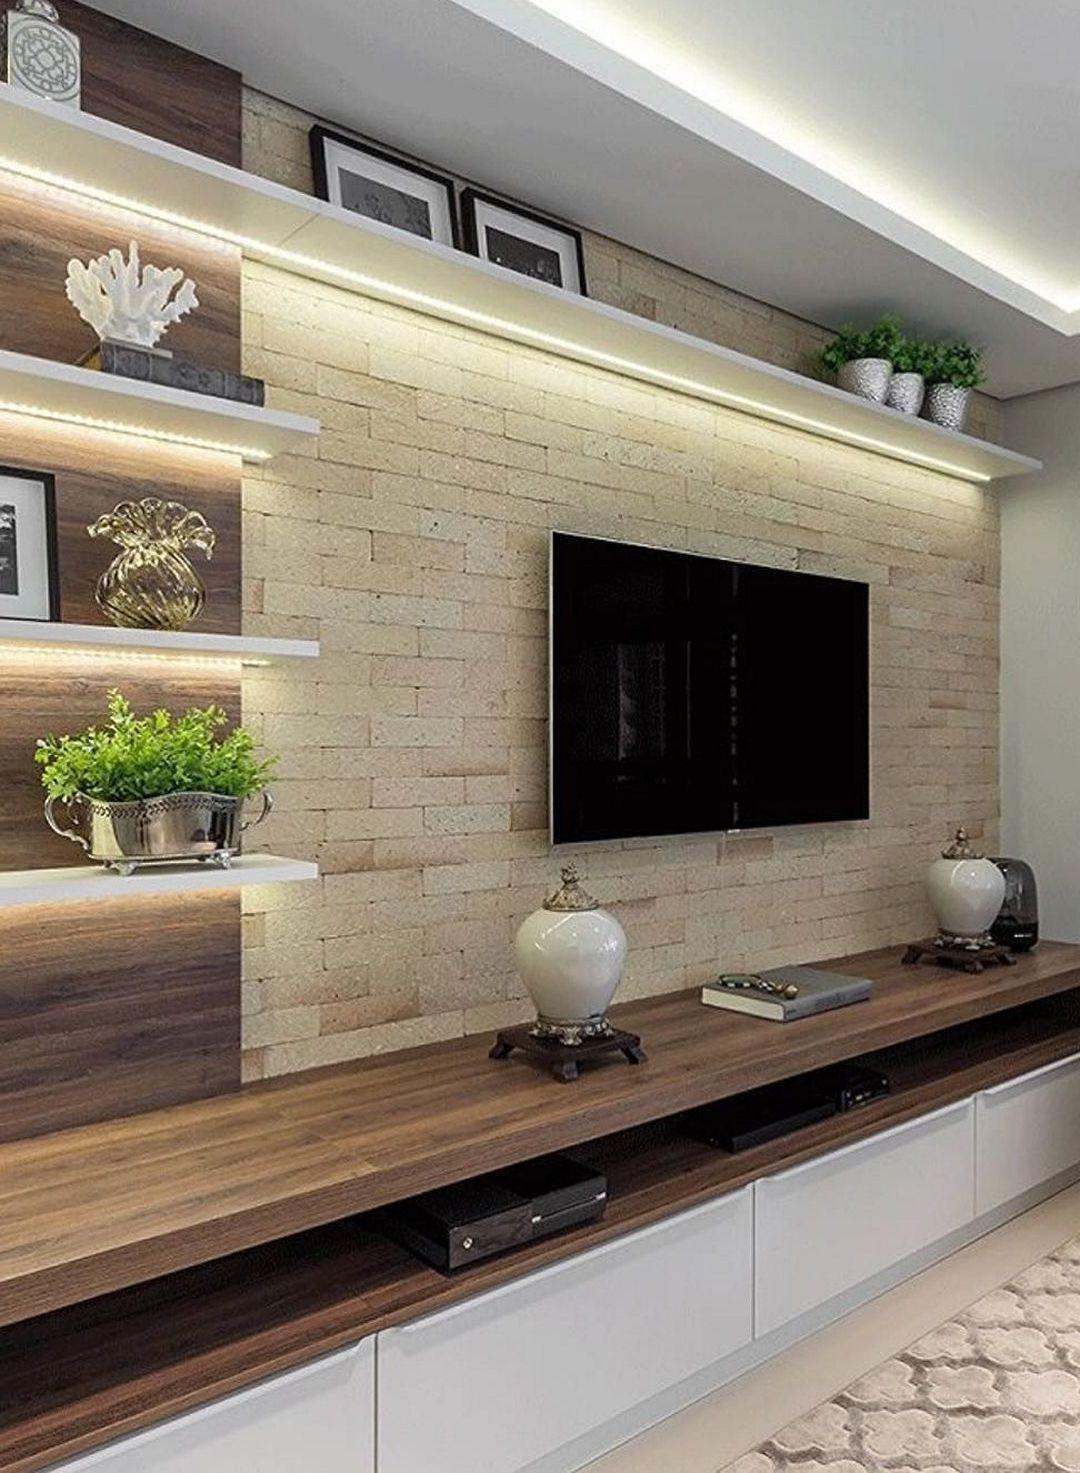 Cama Estofada Maintal Maintalmaintal O Sofá Cama Eriko Que Pode Ser Usado Como Uma Cama De Tamanho Nor In 2020 Modern Tv Room Living Room Design Modern Tv Room Design